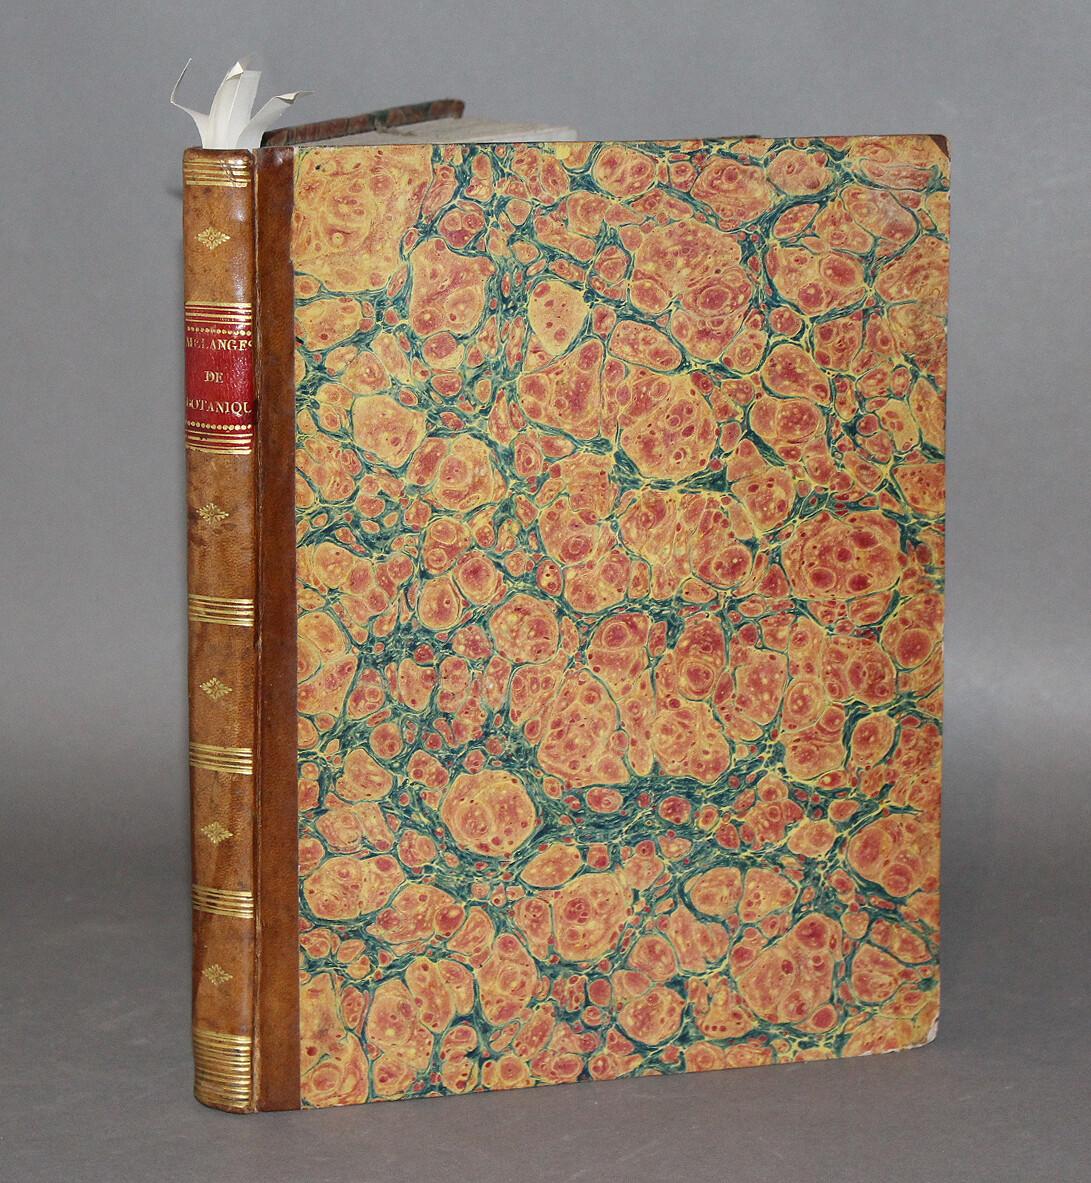 """CANDOLLE ; RAFFENEAU DELILE ; GAY & GUILLEMIN.- """"Recueil de huit ouvrages botaniques"""", 1821-1826."""